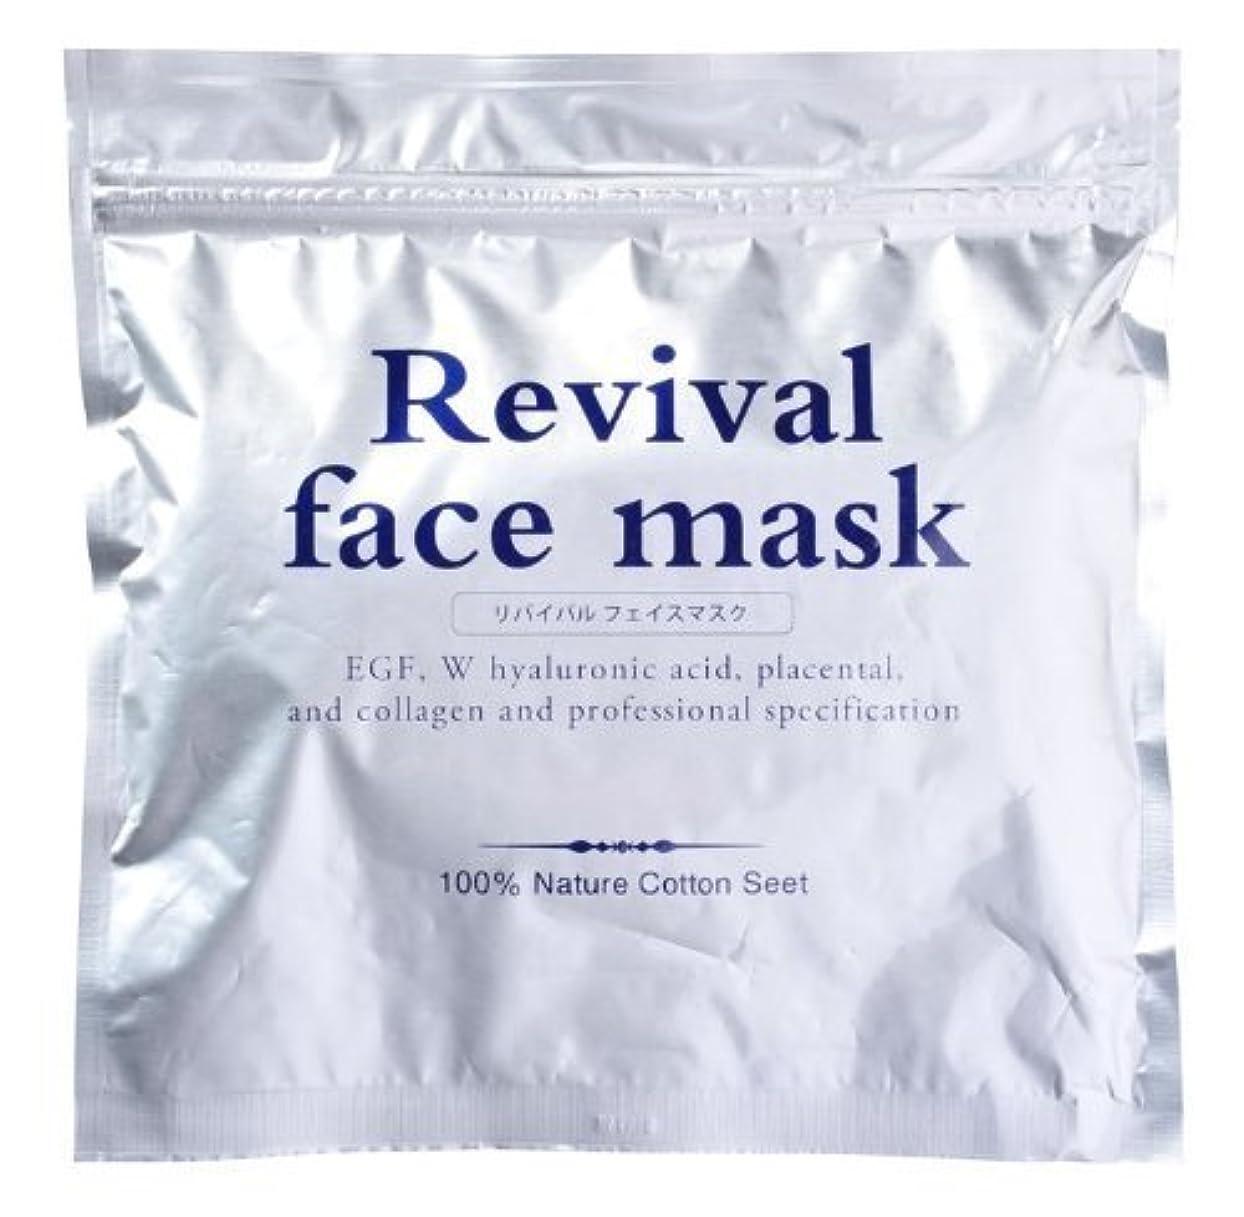 狂気牧師理想的にはリバイバル フェイスマスク 30枚